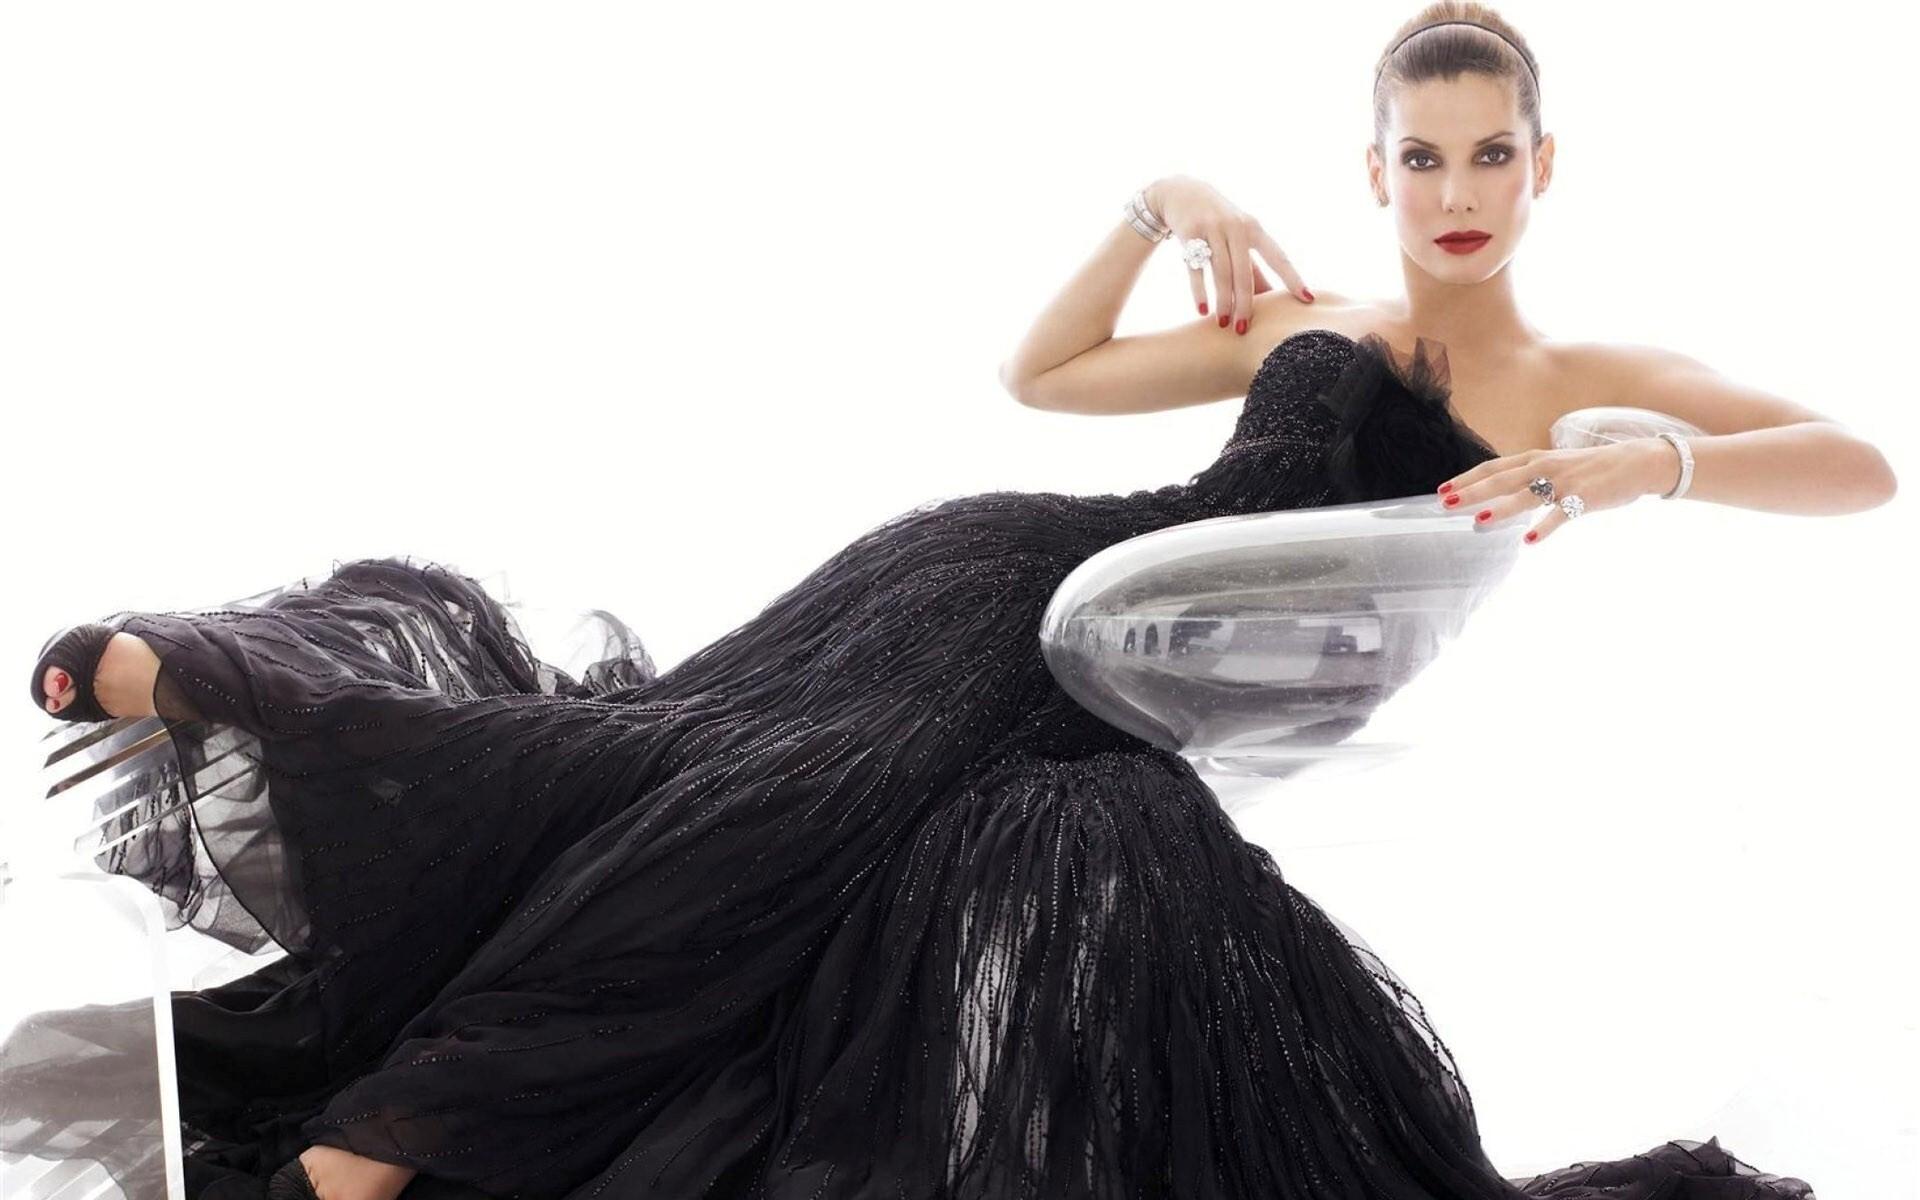 Beautiful Sandra Bullock In Black Dress HD Wallpaper